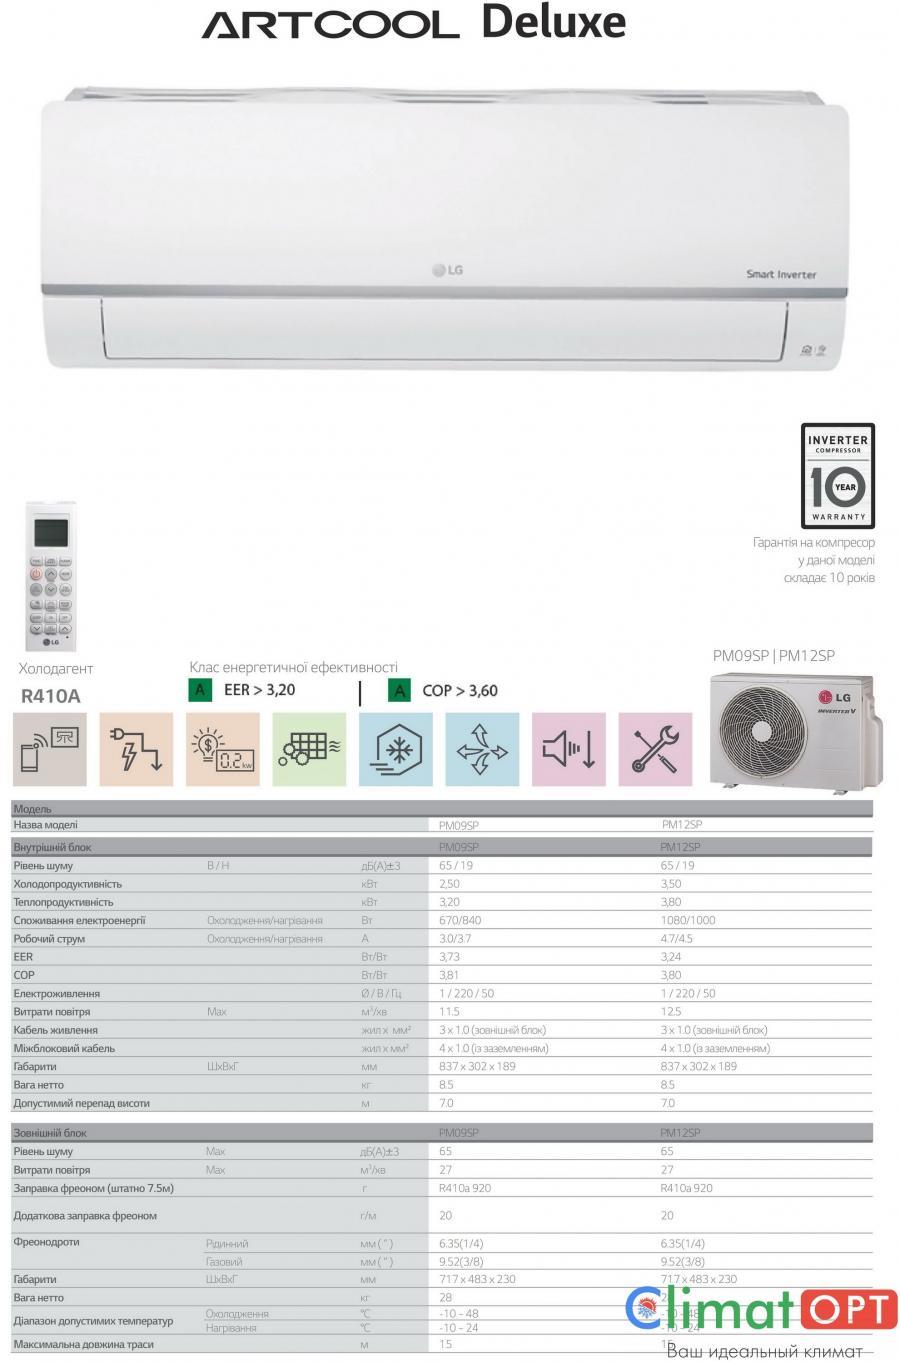 LG Deluxe Inverter New (Обогрев при -10С) Звоните!!!Скидки!!!